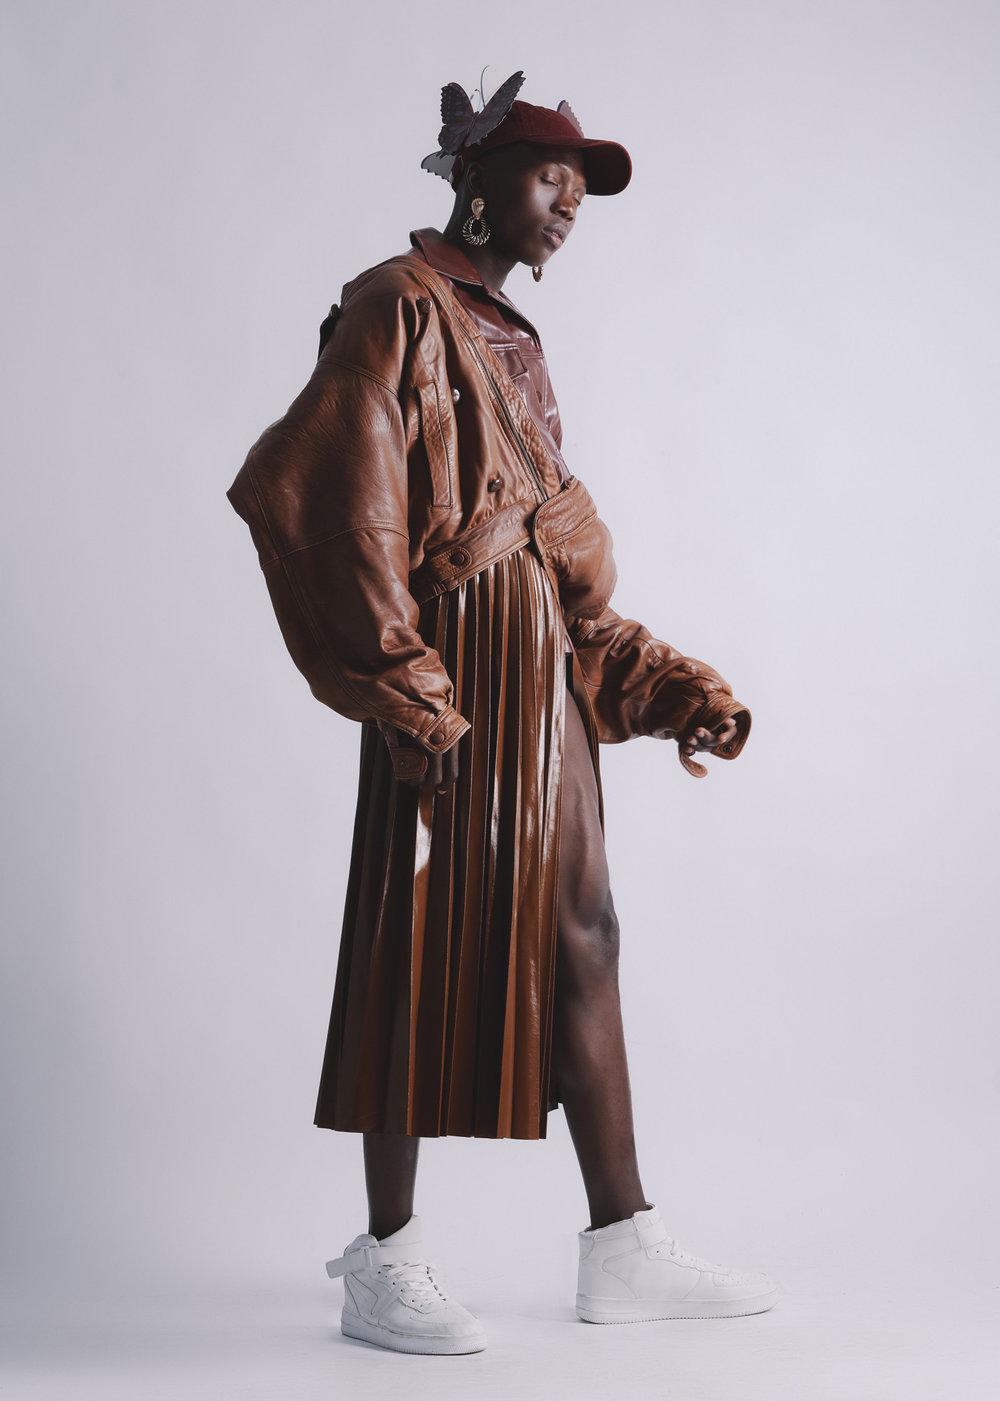 Topman hat, Zara skirt, jacket and earrings, Zulu jacket, Nike shoes